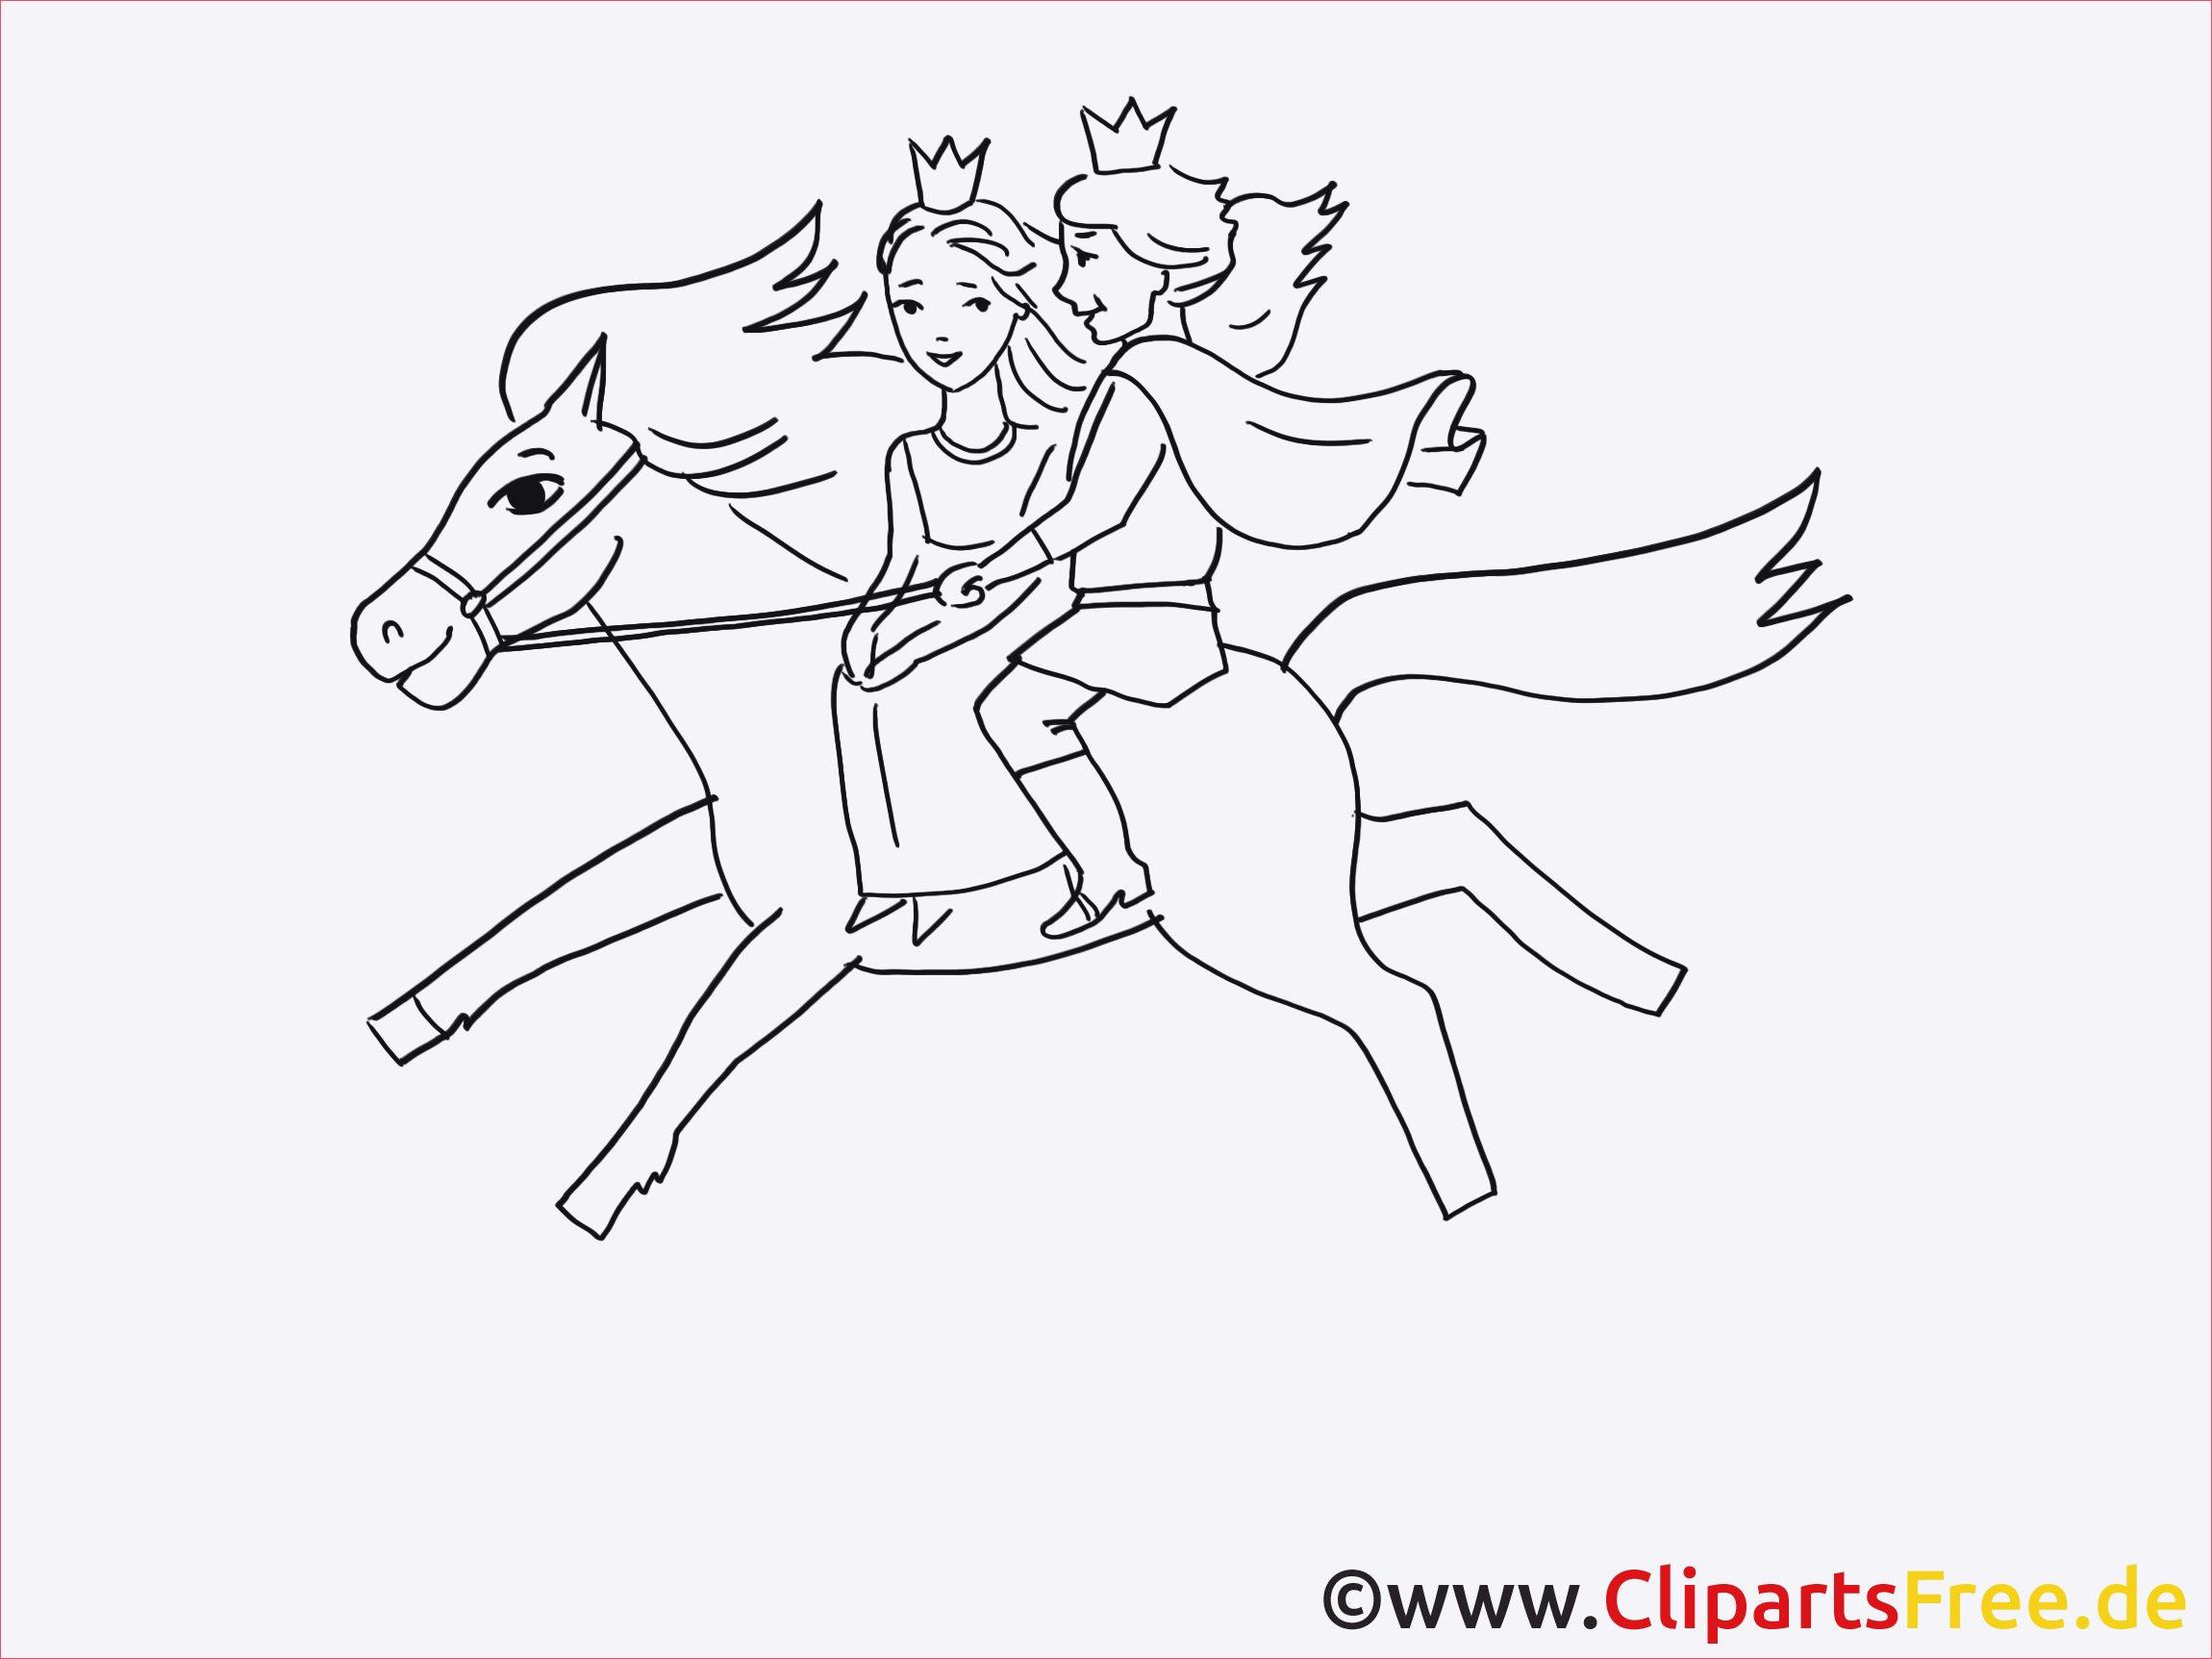 Malvorlagen Filly Das Beste Von √ Ausmalbild Filly Pferd Genial Filly Malvorlagen 0gdr Bild